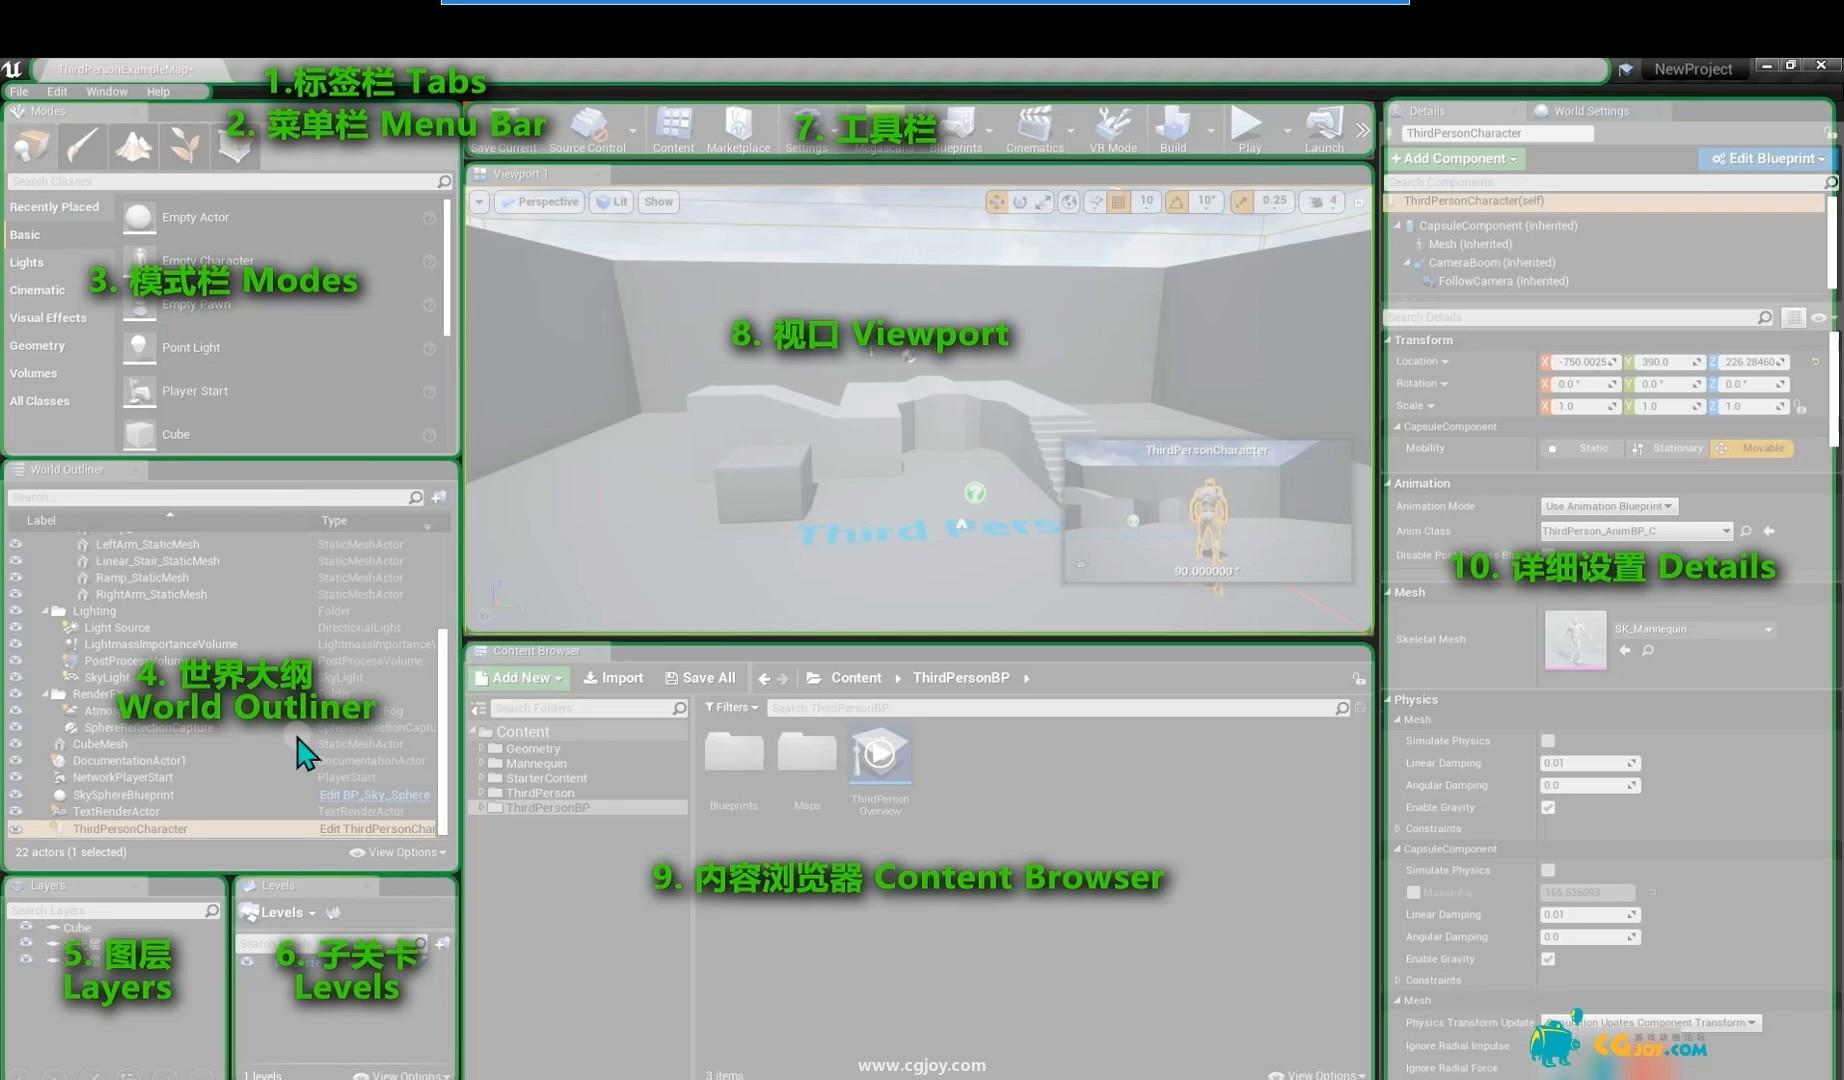 《虚幻引擎CG制作技术》——虚幻引擎的优势及界面介绍.mp4_20200102_231229.017.jpg